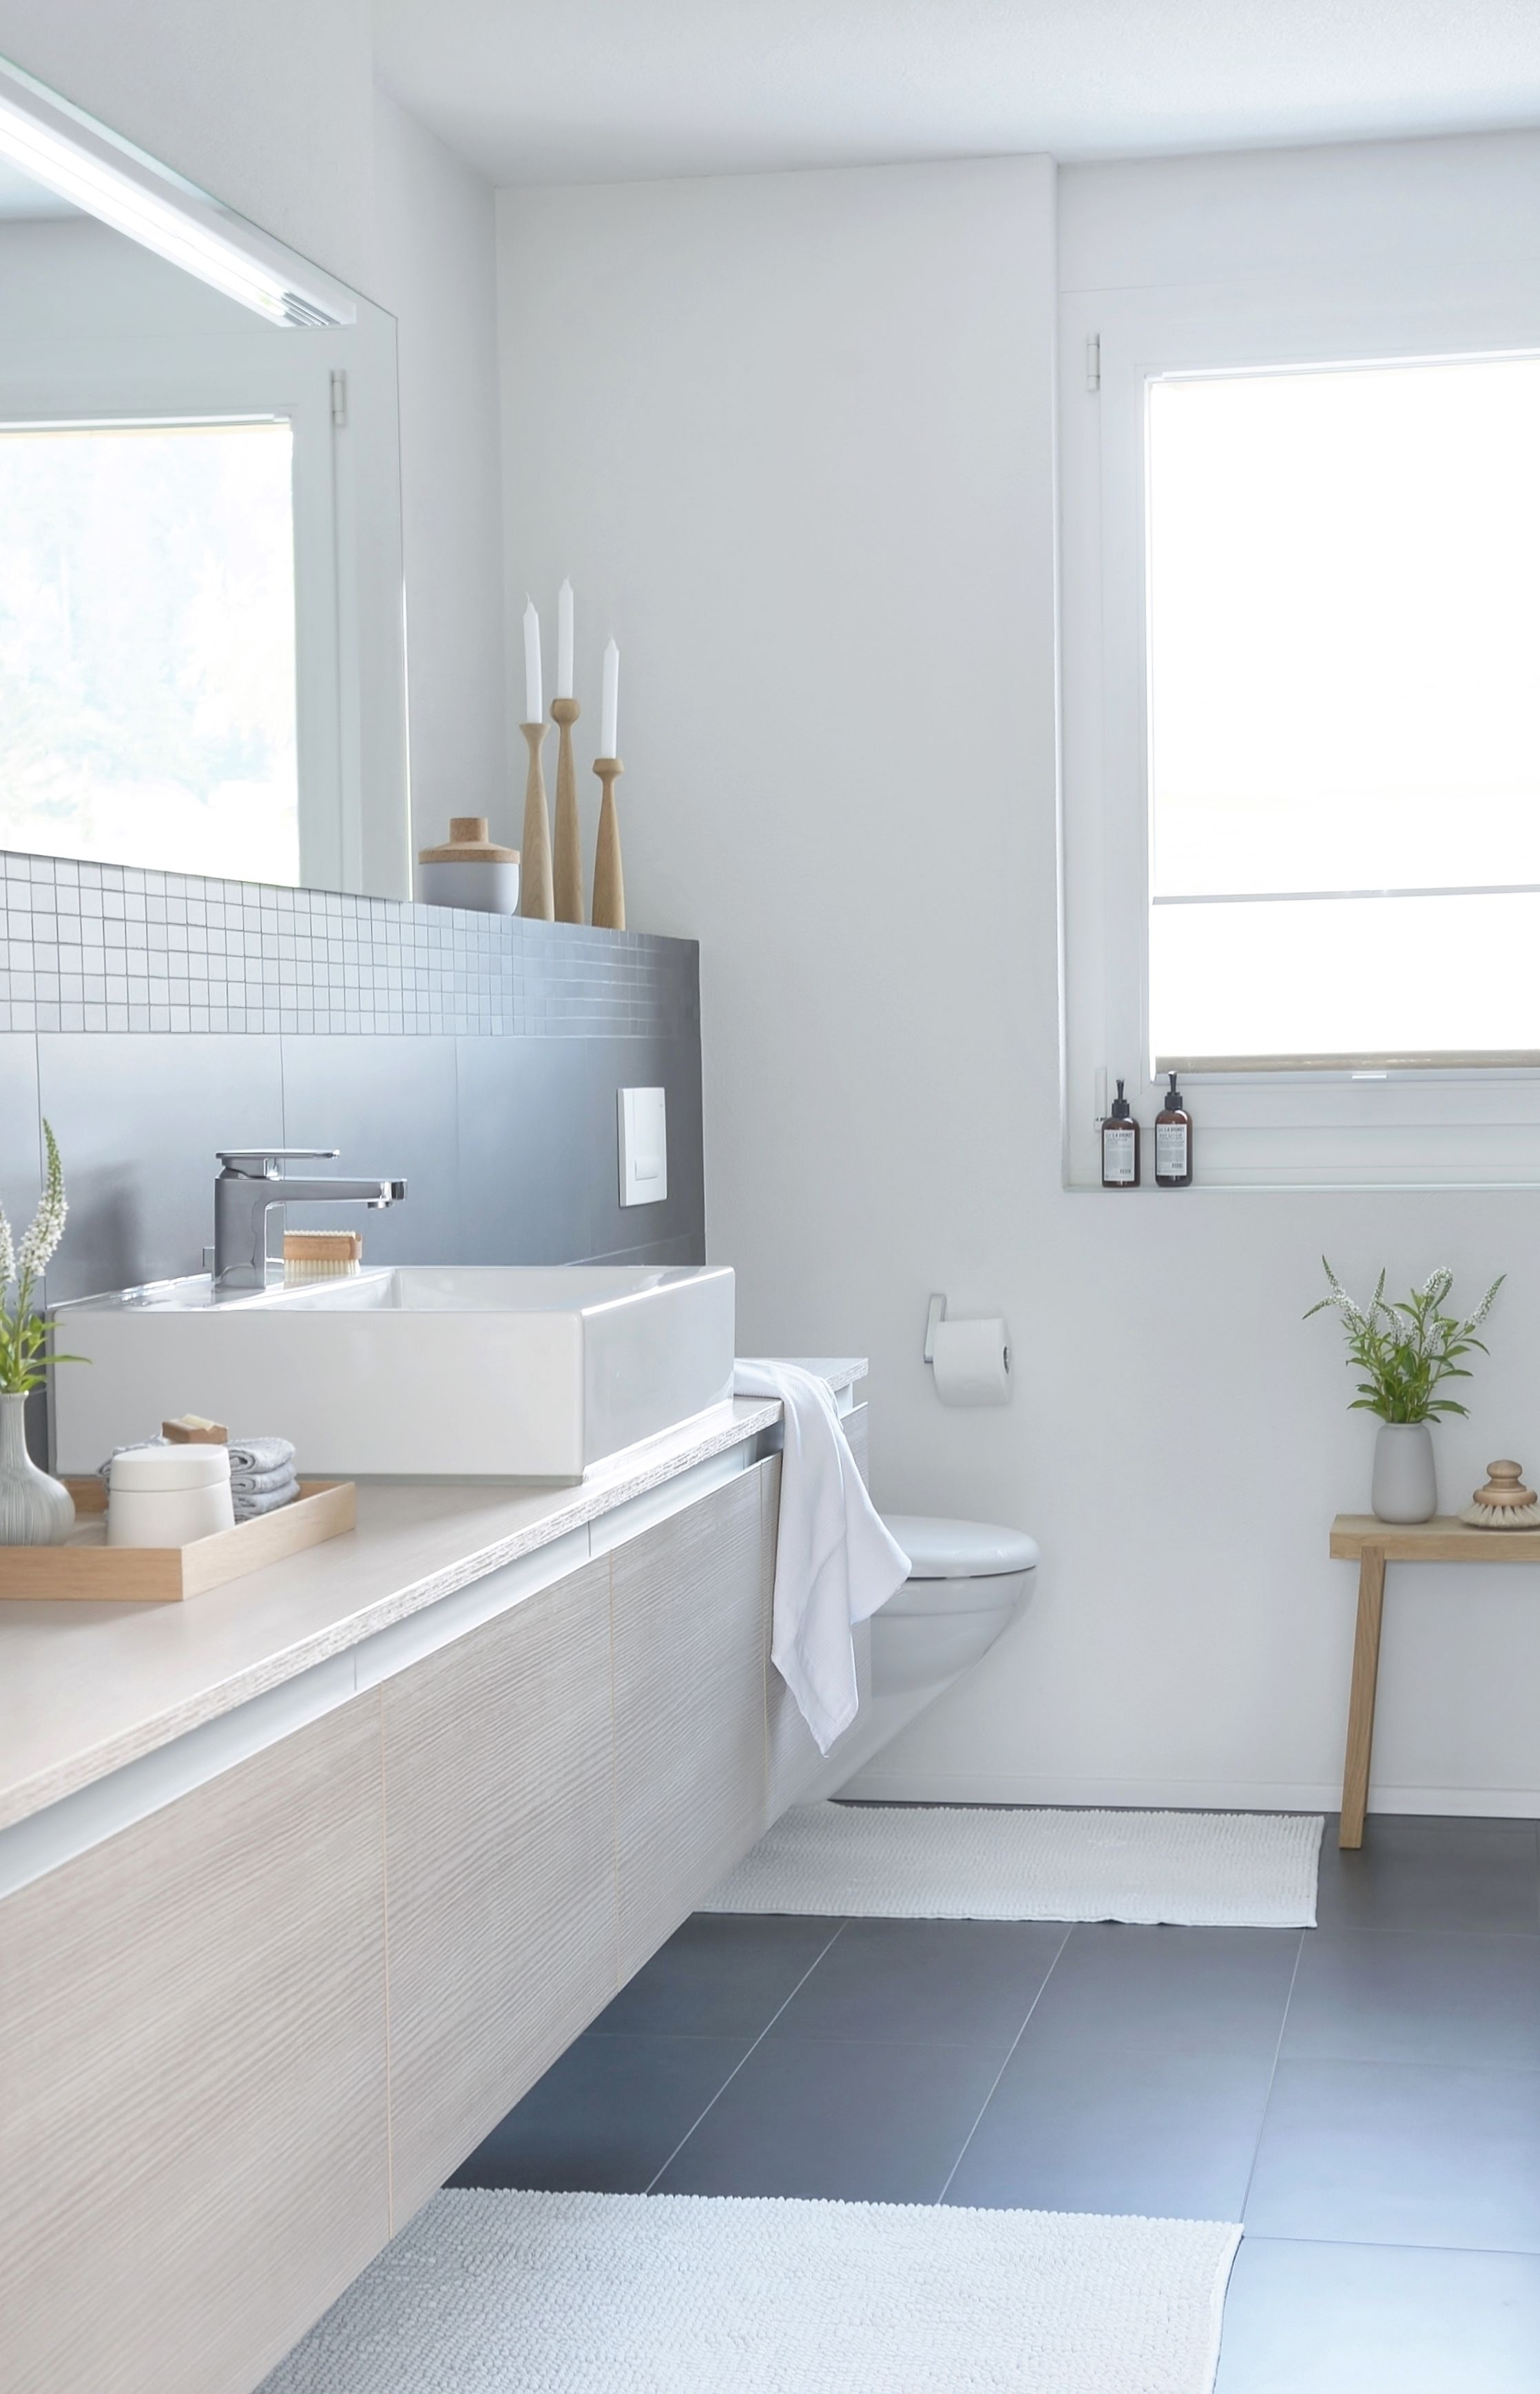 einblick. | morgensonne, badezimmer und bäder, Badezimmer ideen